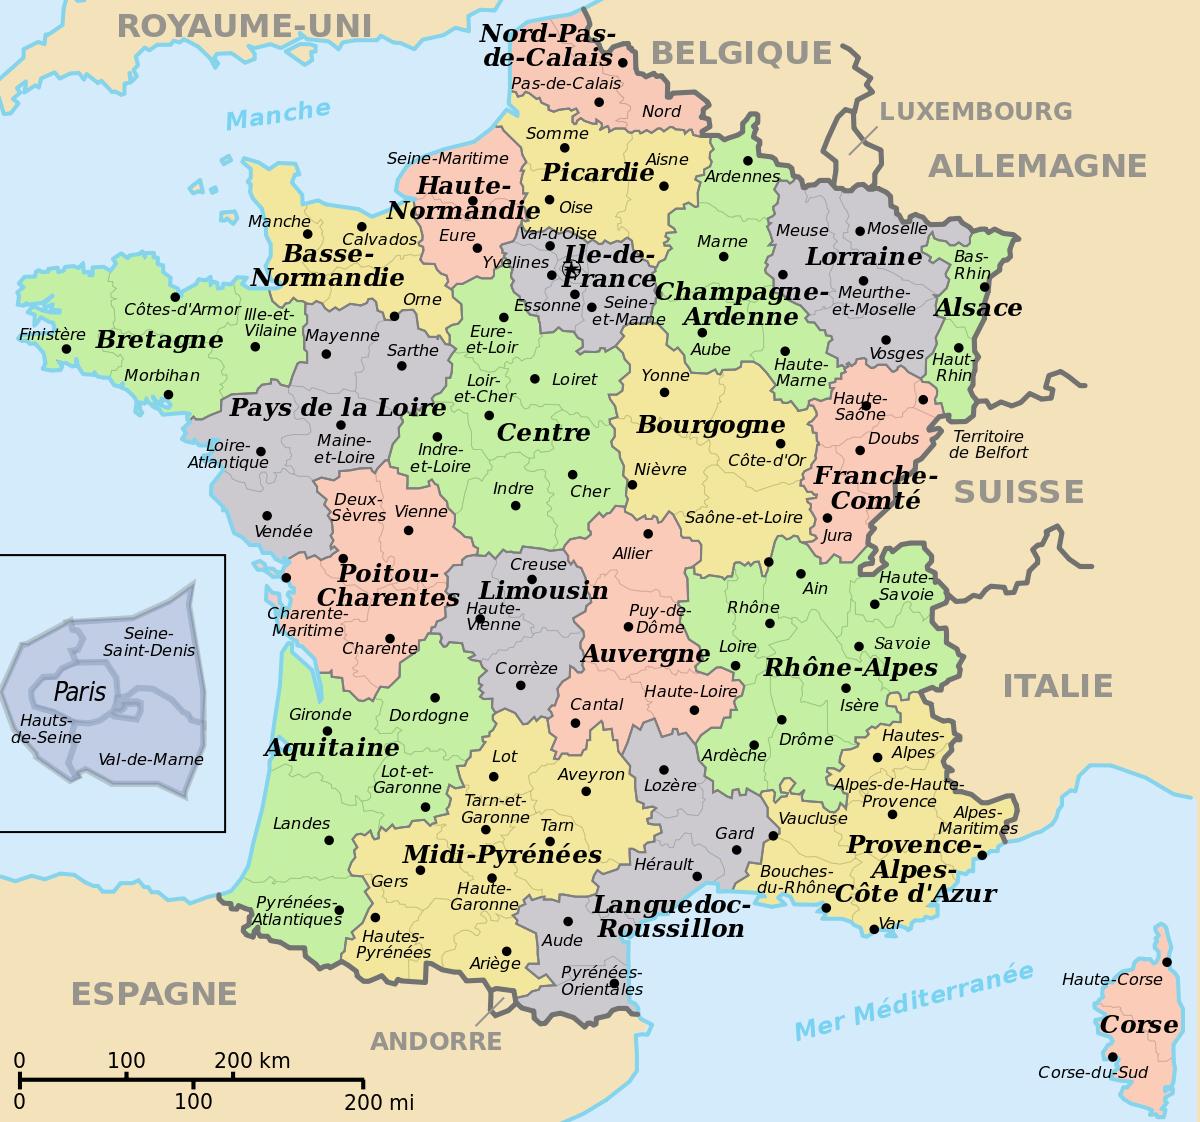 File:départements+Régions (France).svg - Wikimedia Commons concernant Carte De France Par Régions Et Départements